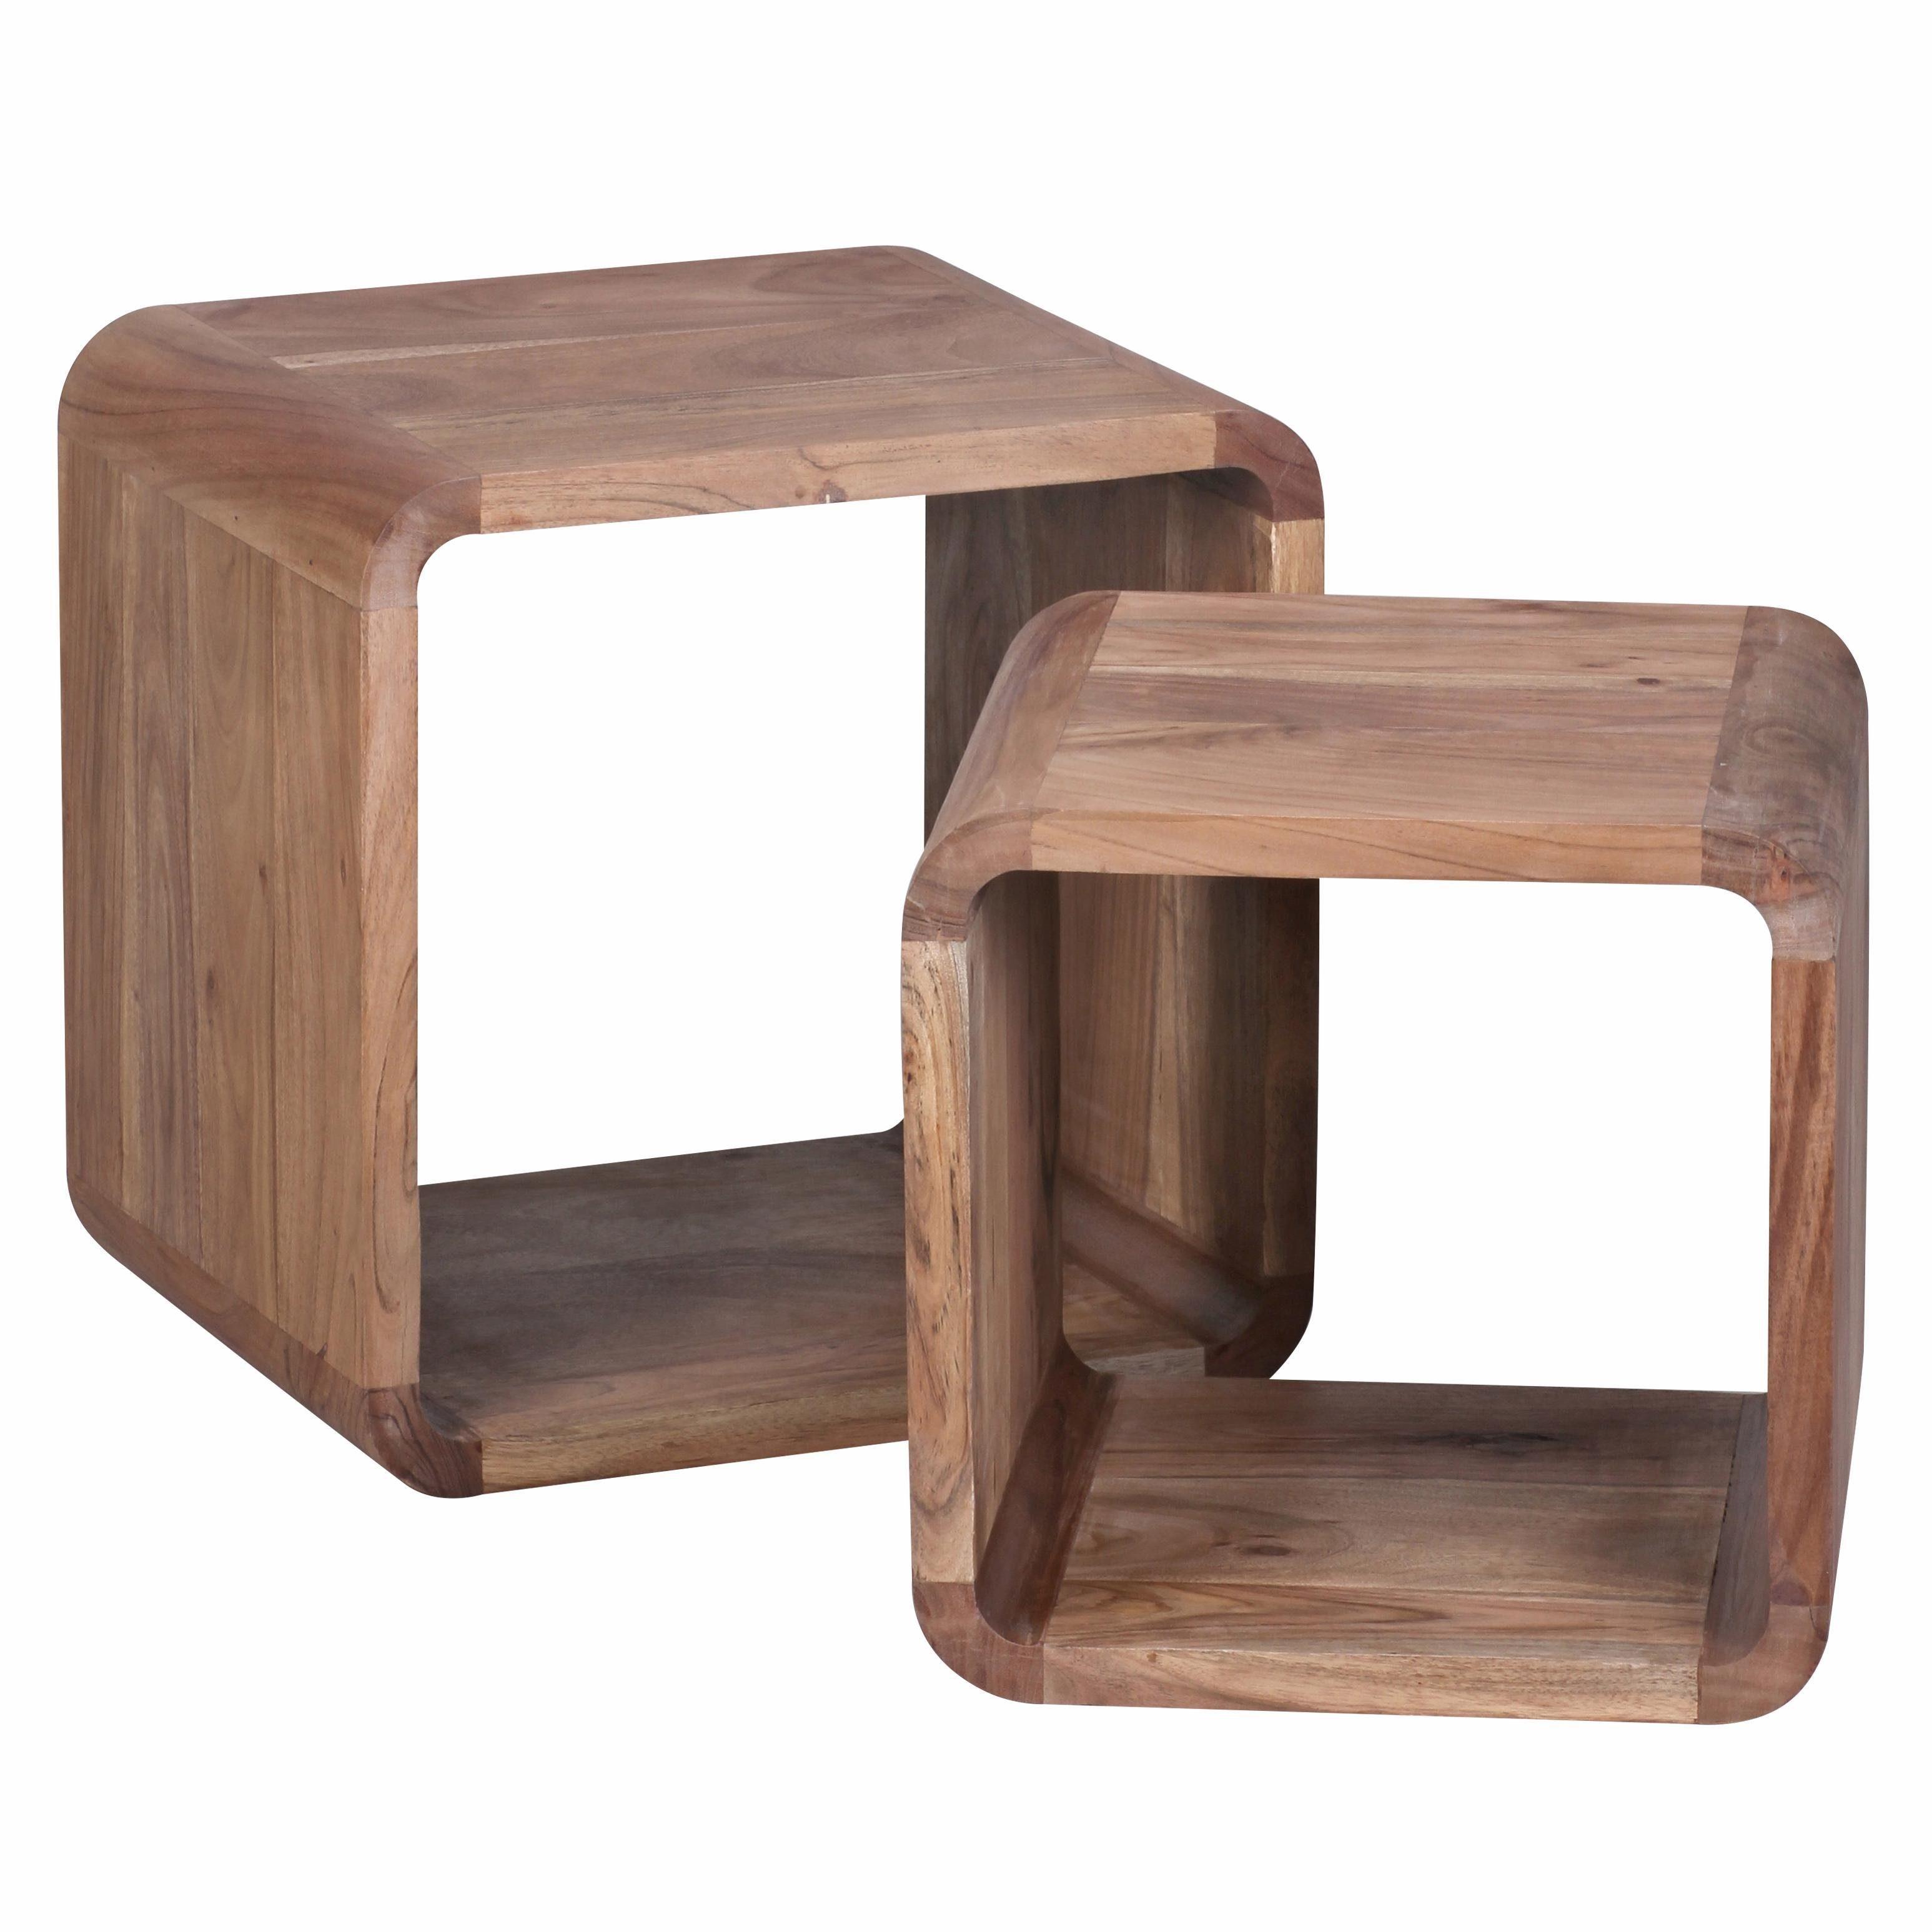 Home affaire Beistelltisch (2er-Set) »Cube«